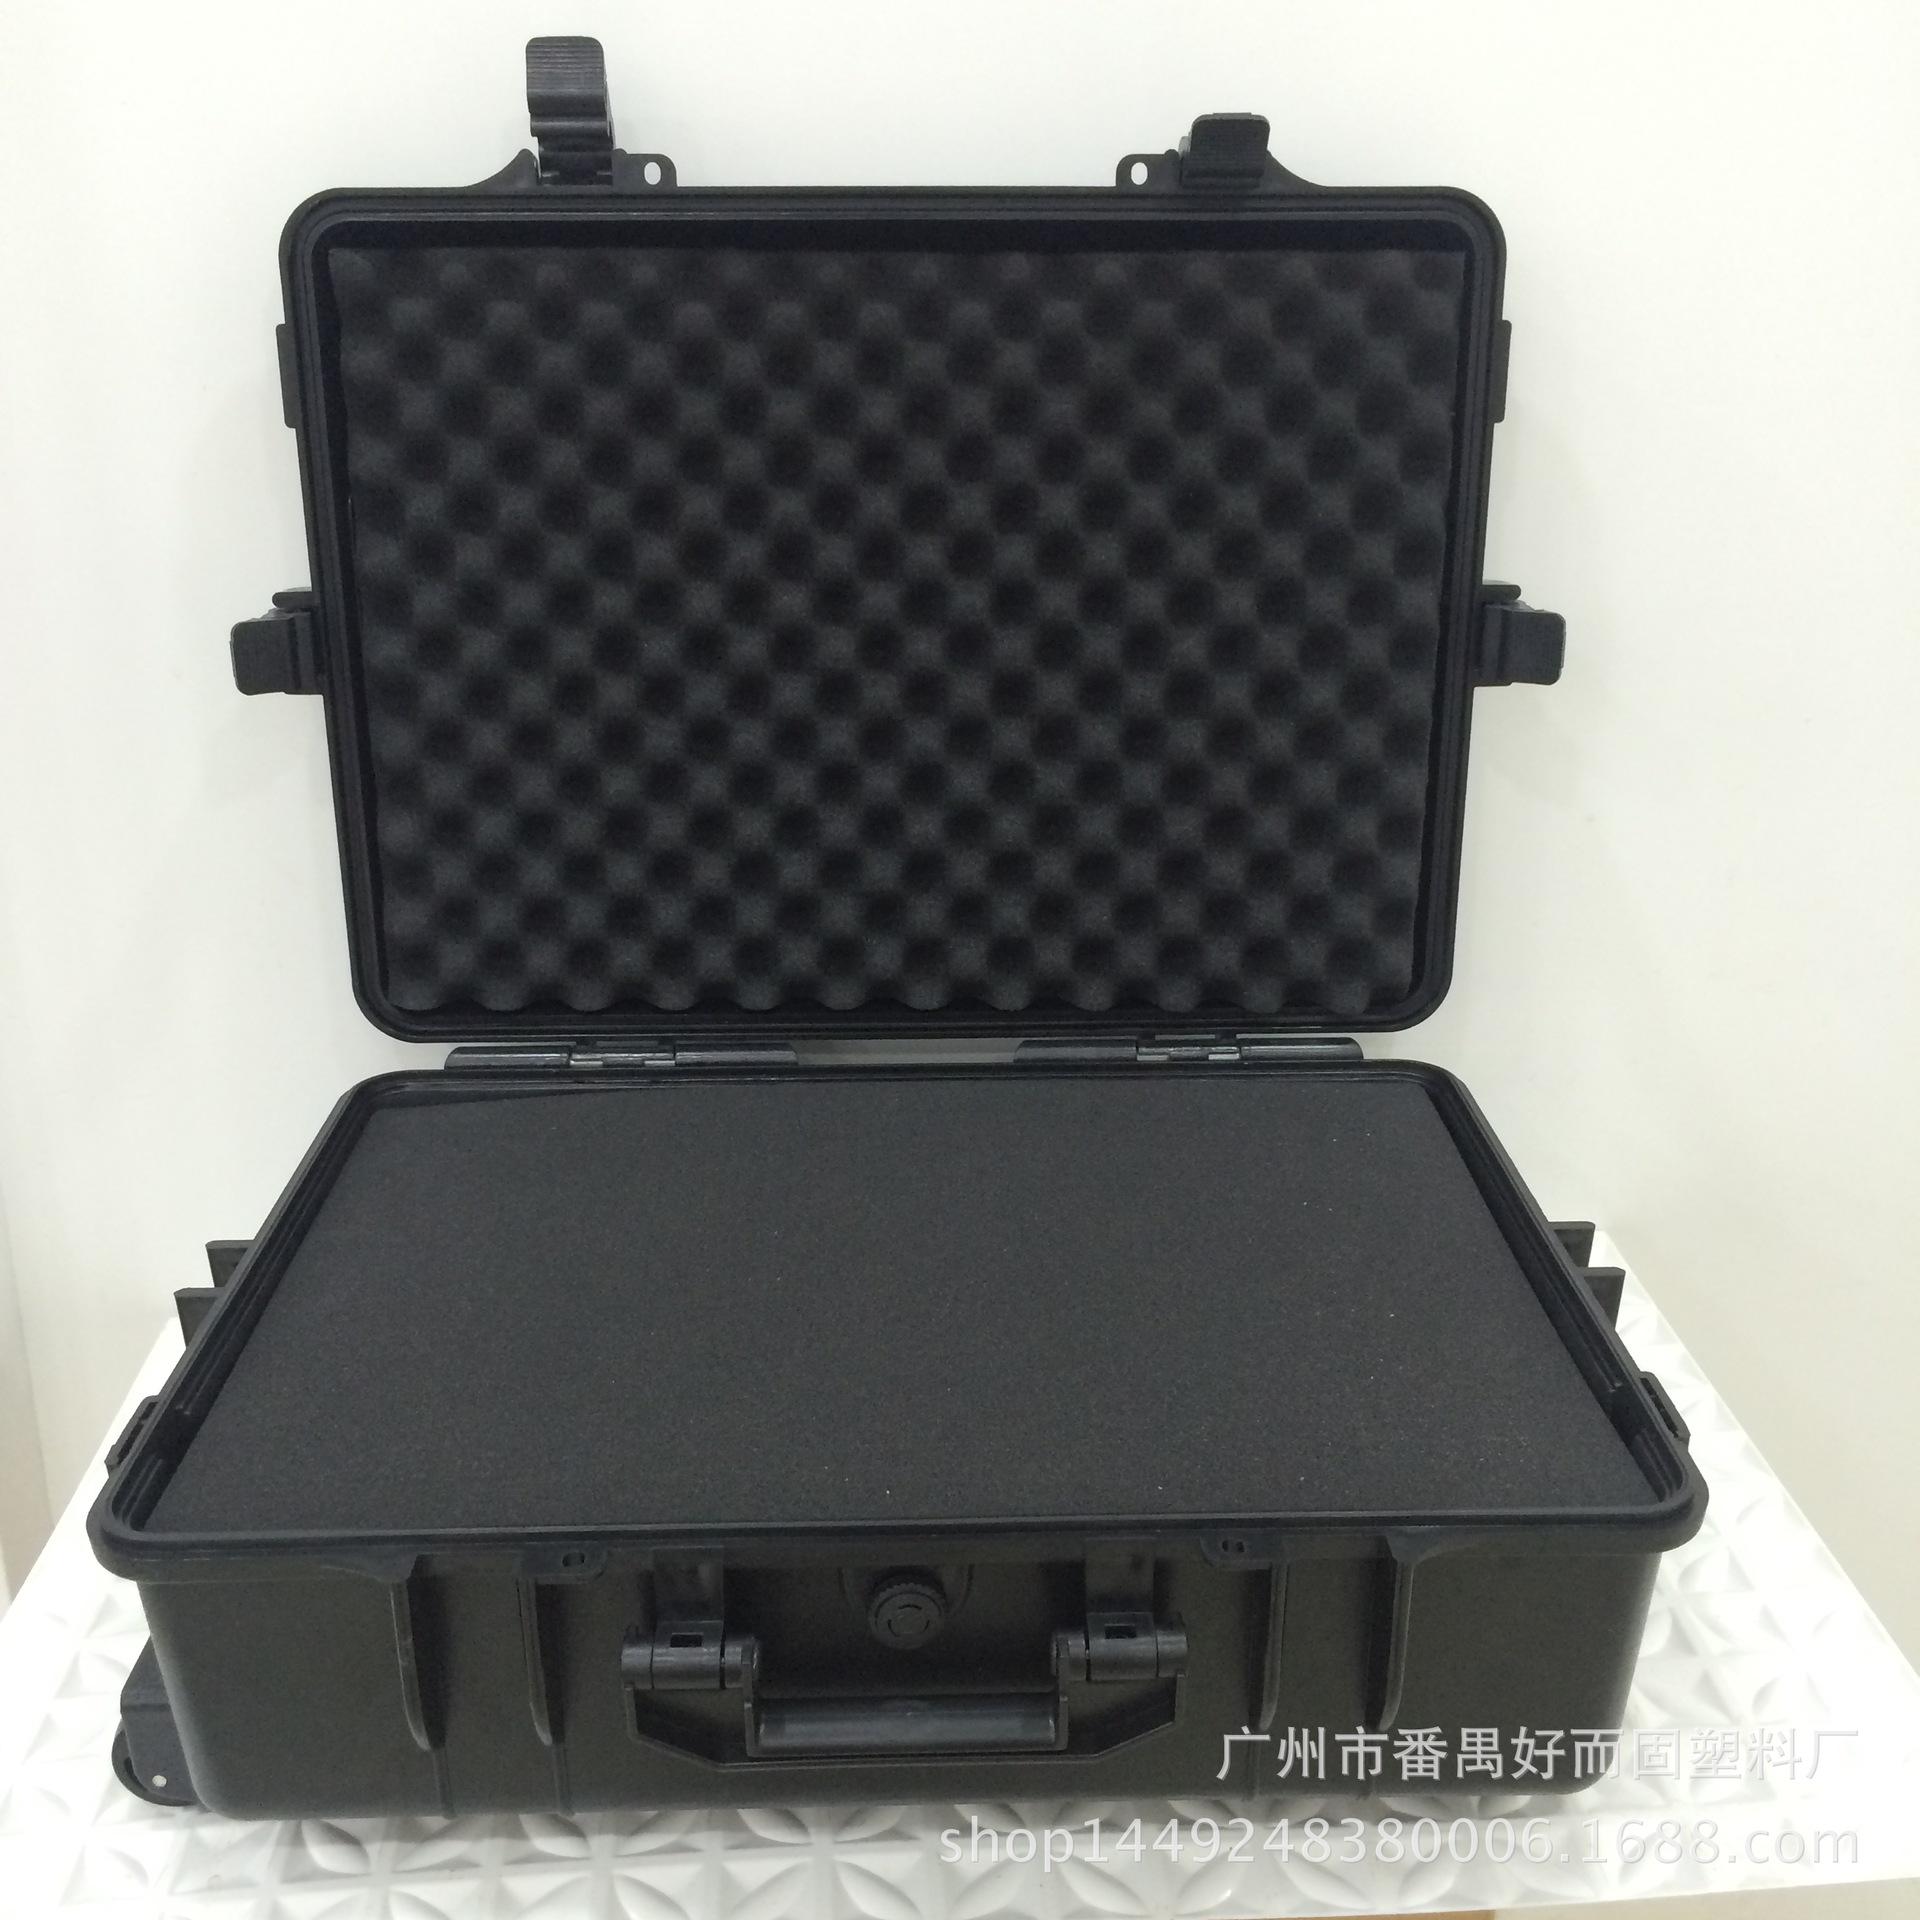 塑料密封箱  ABS塑料拉杆箱  储物箱  精密仪器包装箱 仪表箱